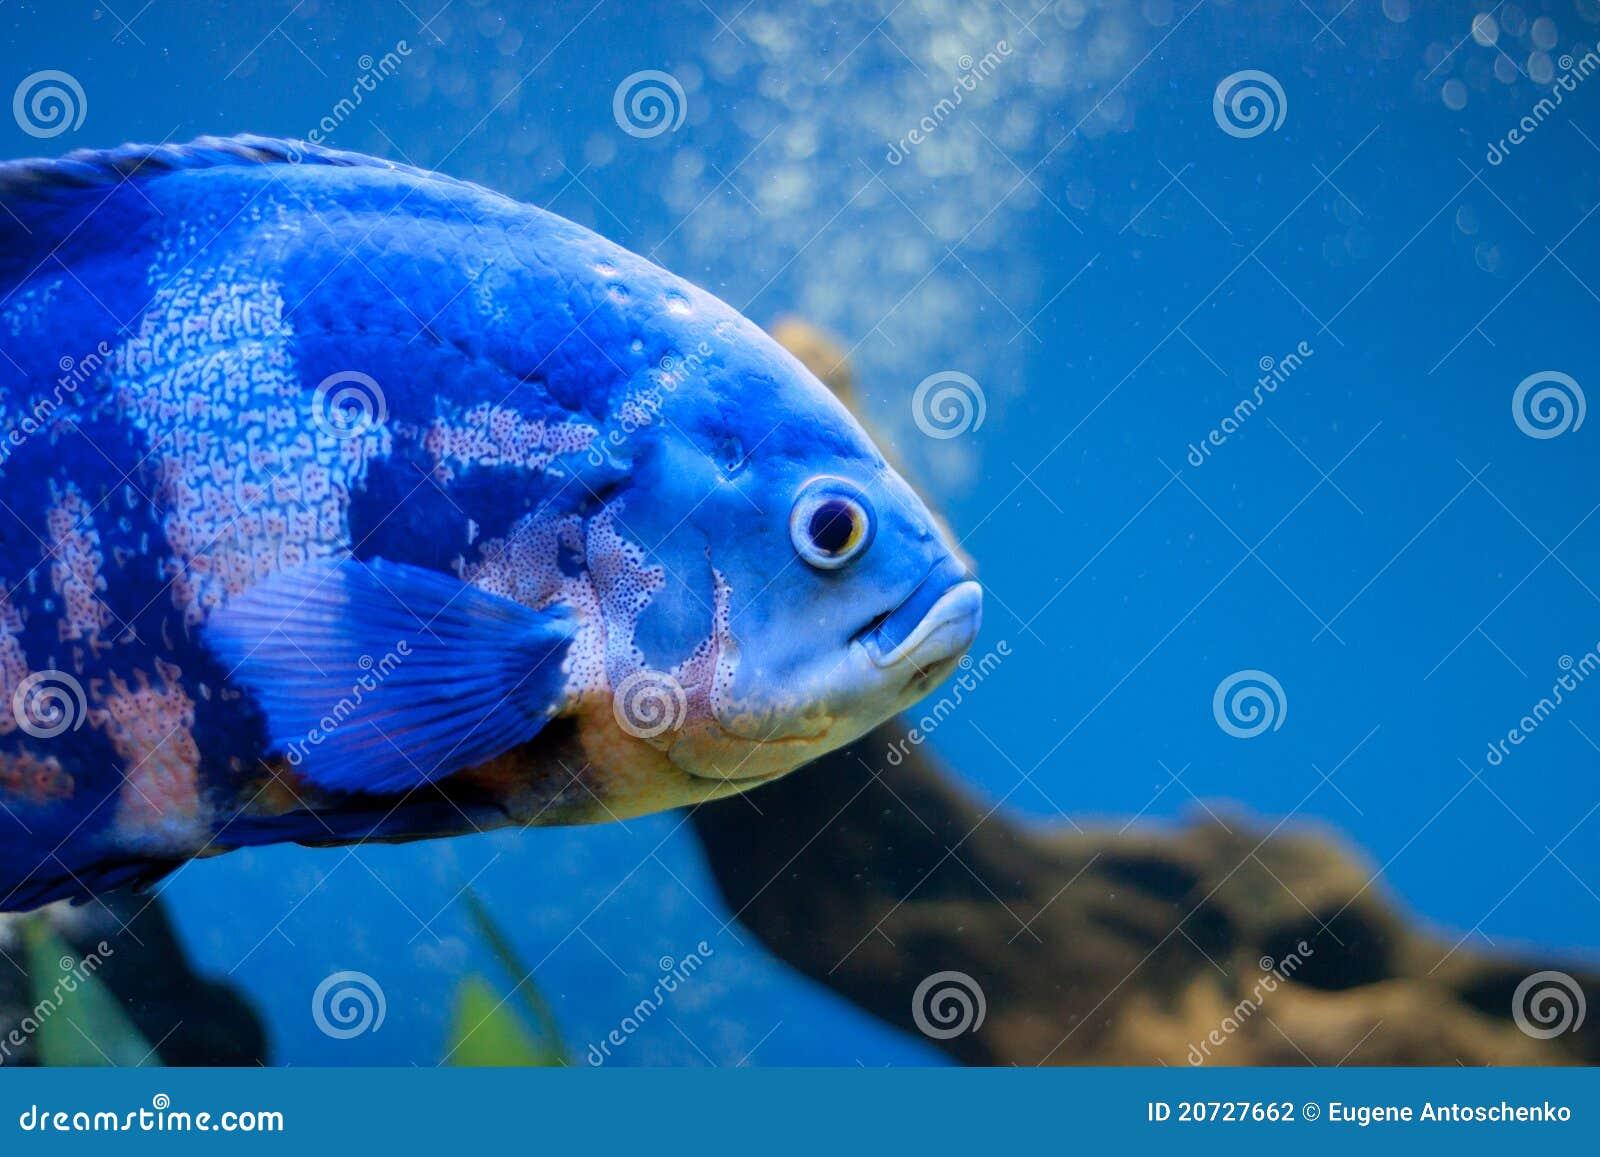 Big Blue Sea Fish In Aqurium Underwater Stock Photo